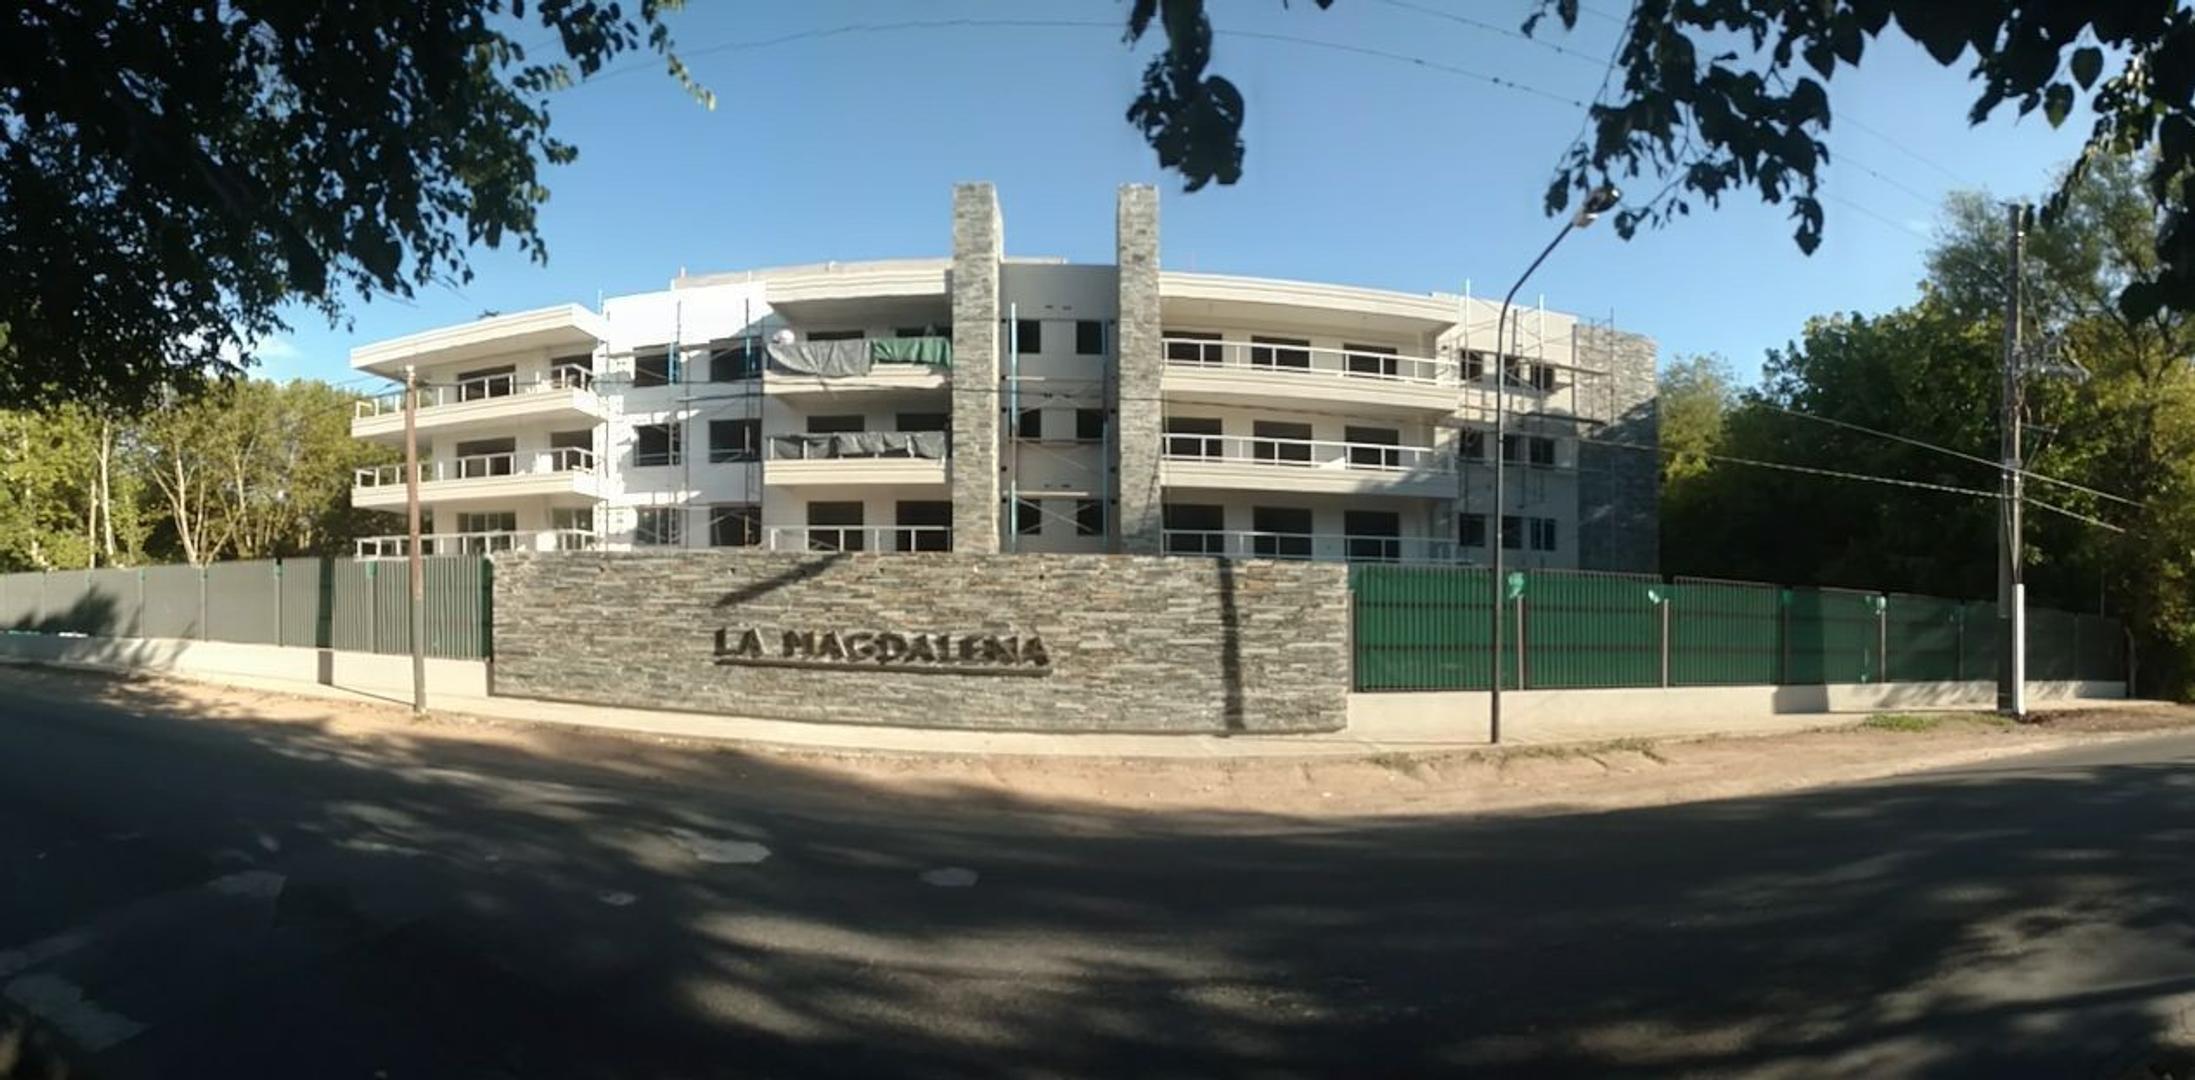 Departamento  en Venta ubicado en Tortuguitas, Pilar y Alrededores - PIL3386_LP173233_1